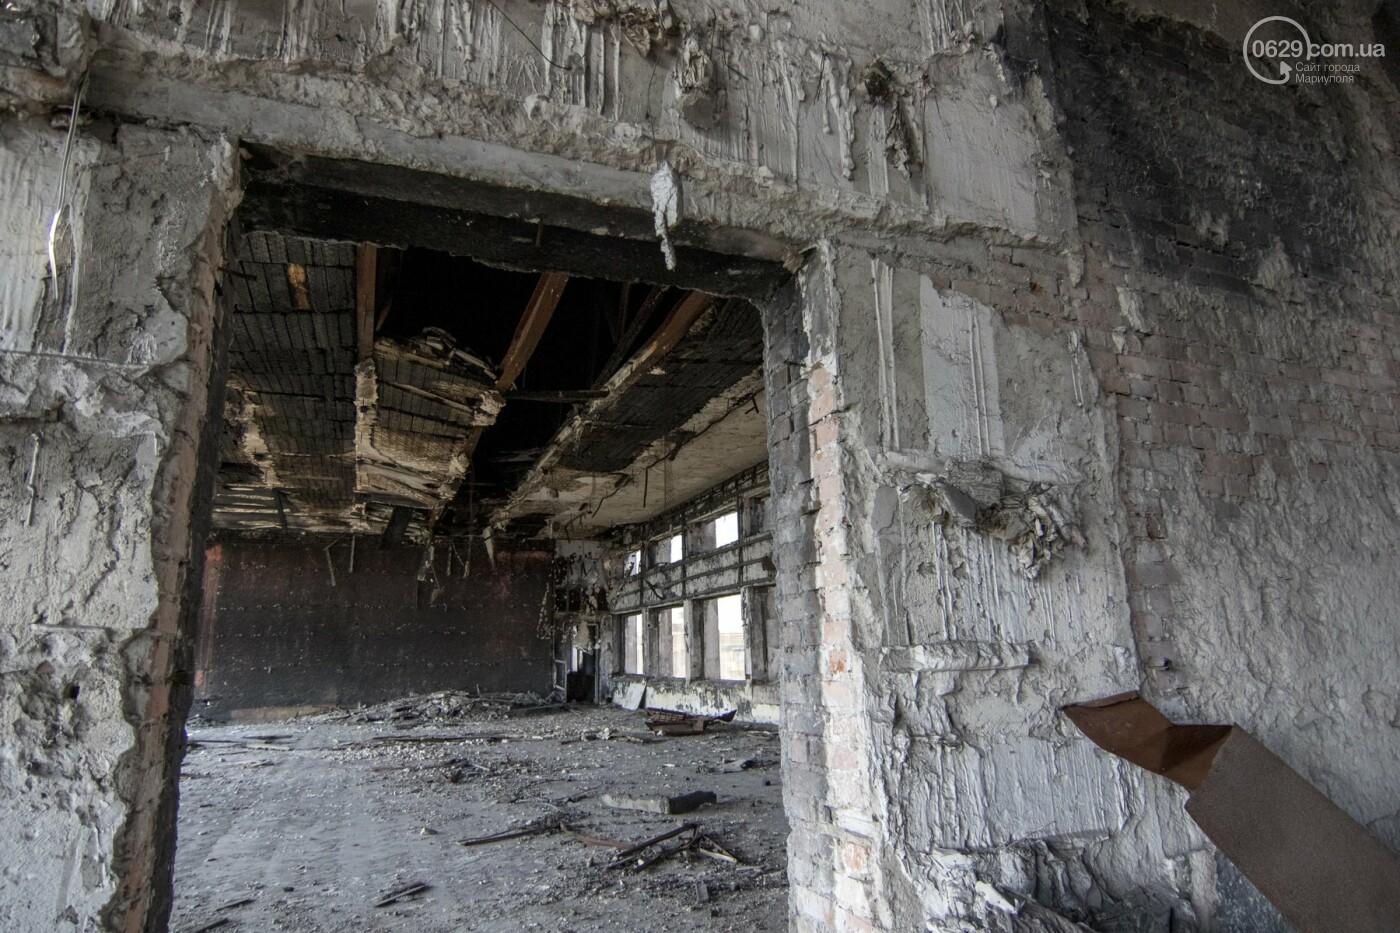 В Мариуполе не могут найти подрядчика для реконструкции сгоревшего горсовета, - ФОТО, фото-9